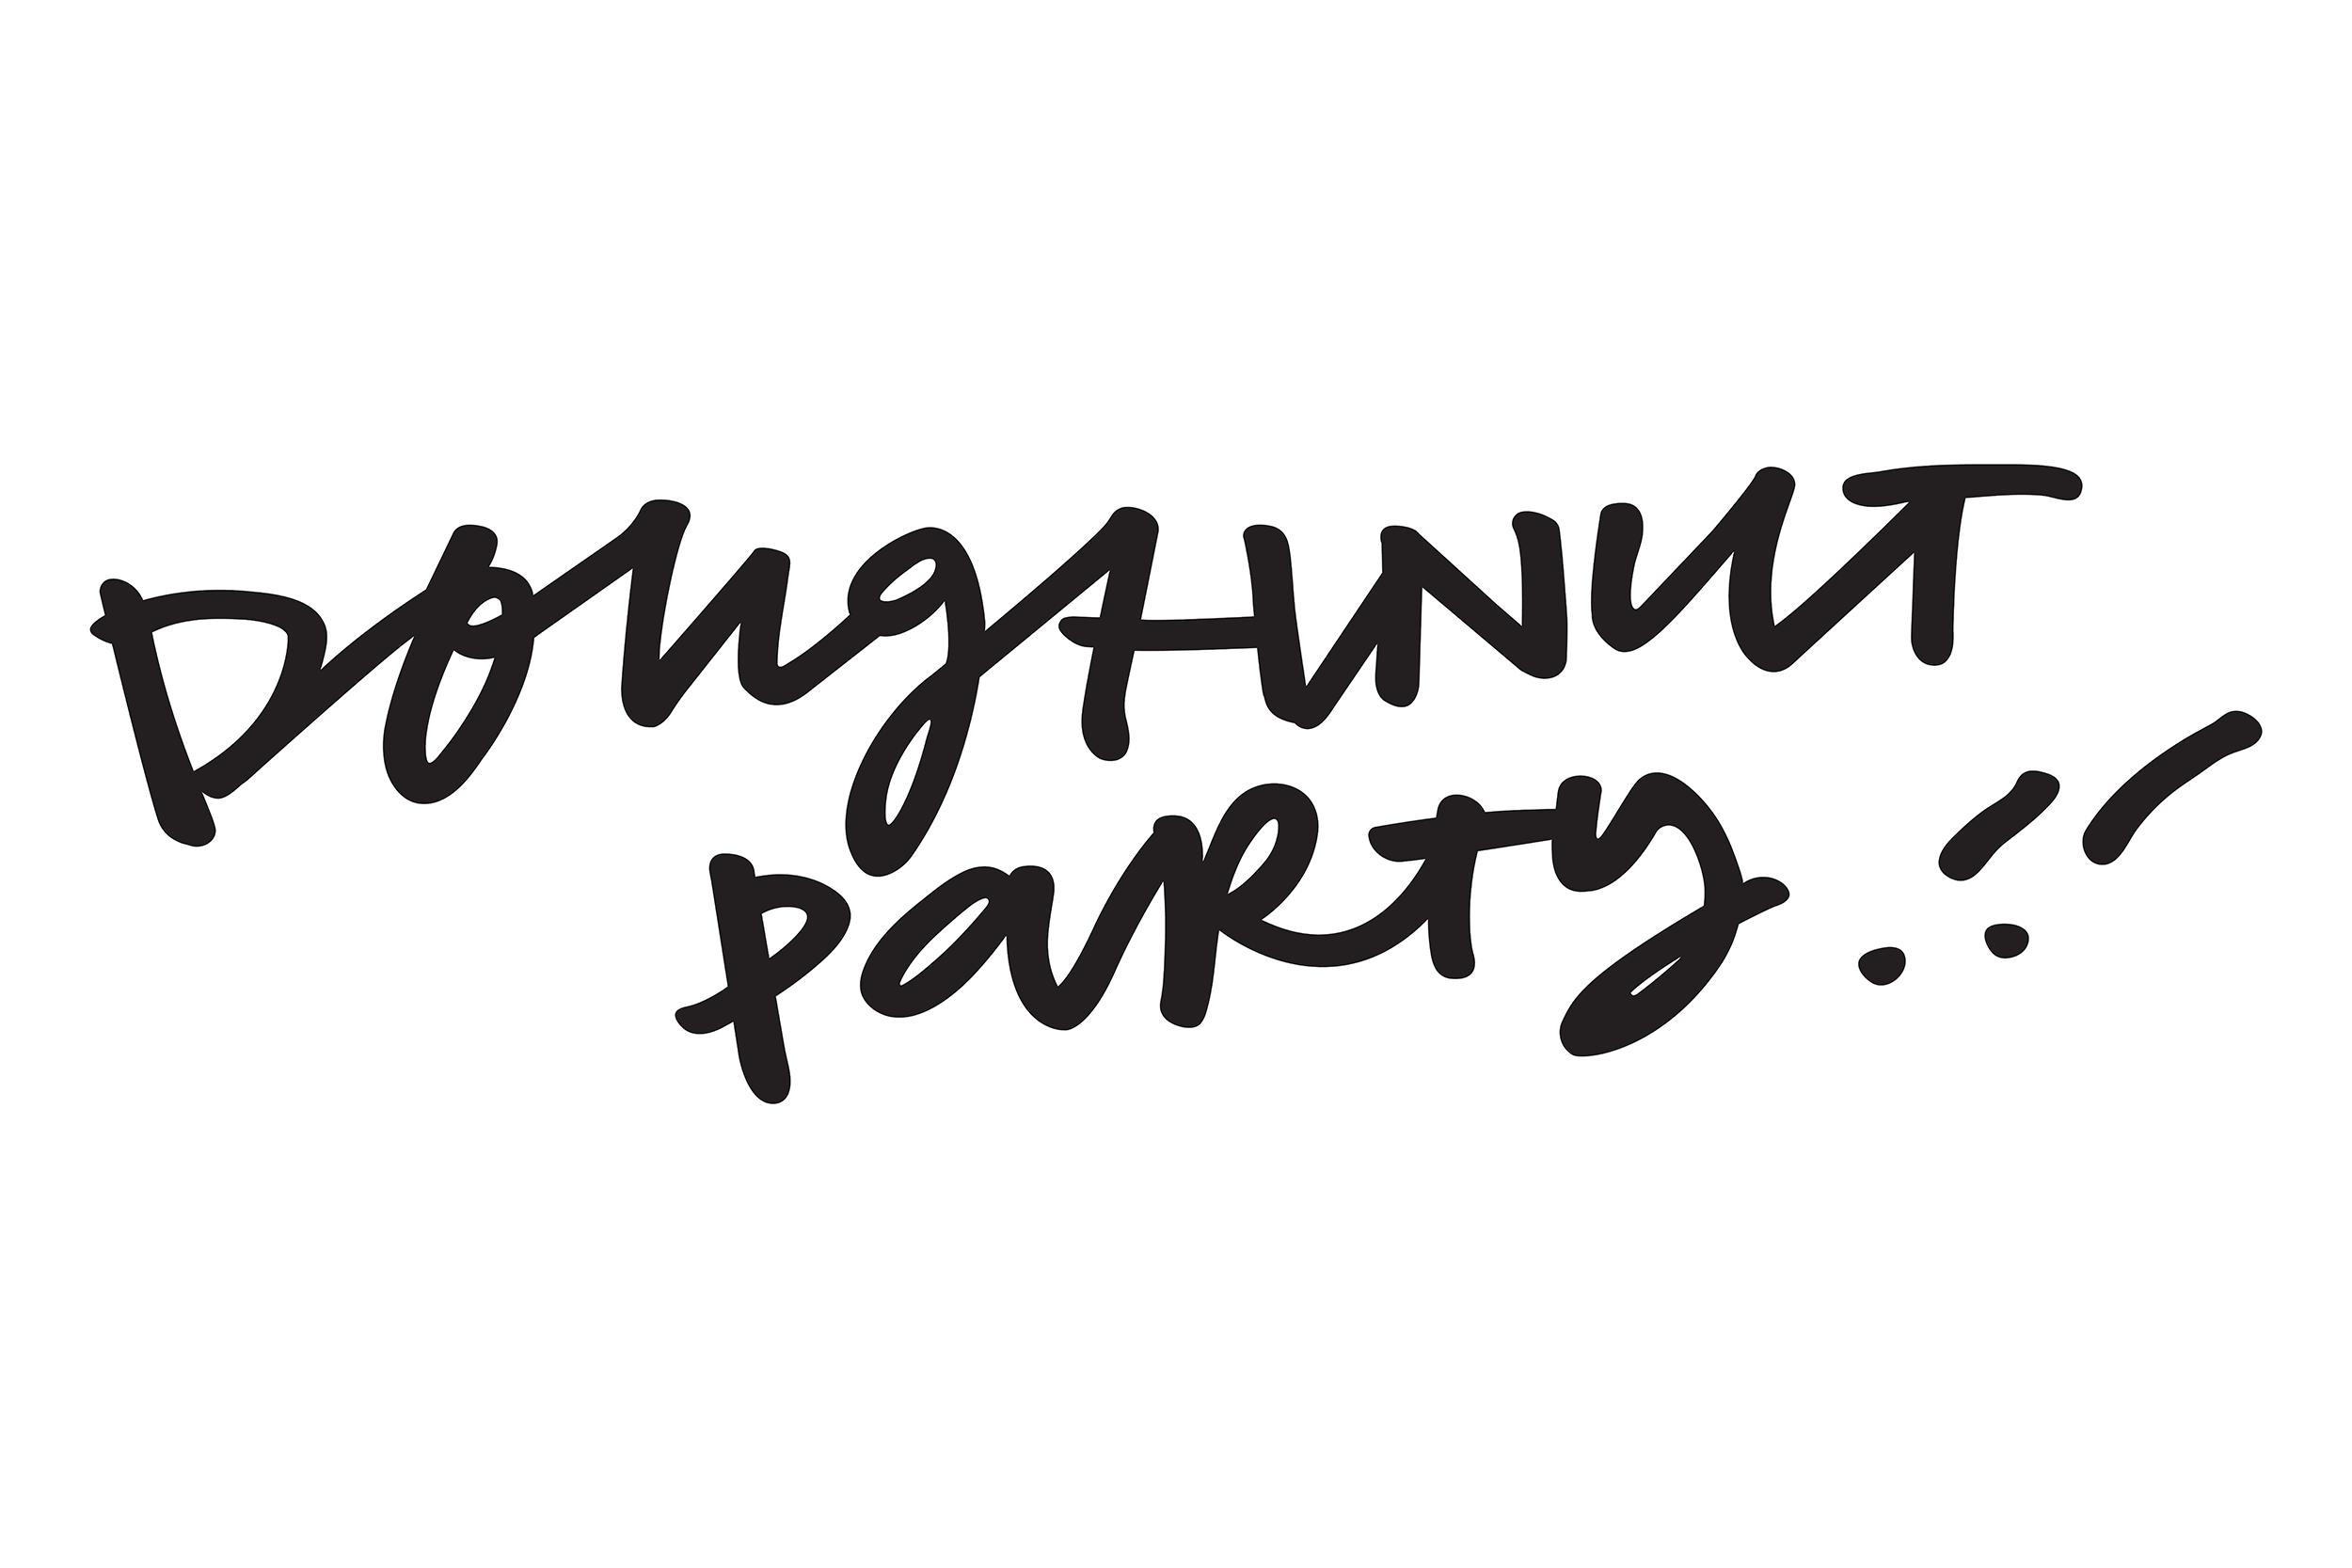 DoughnutParty_HandwritingLogo_17-03-31_Final-01.png